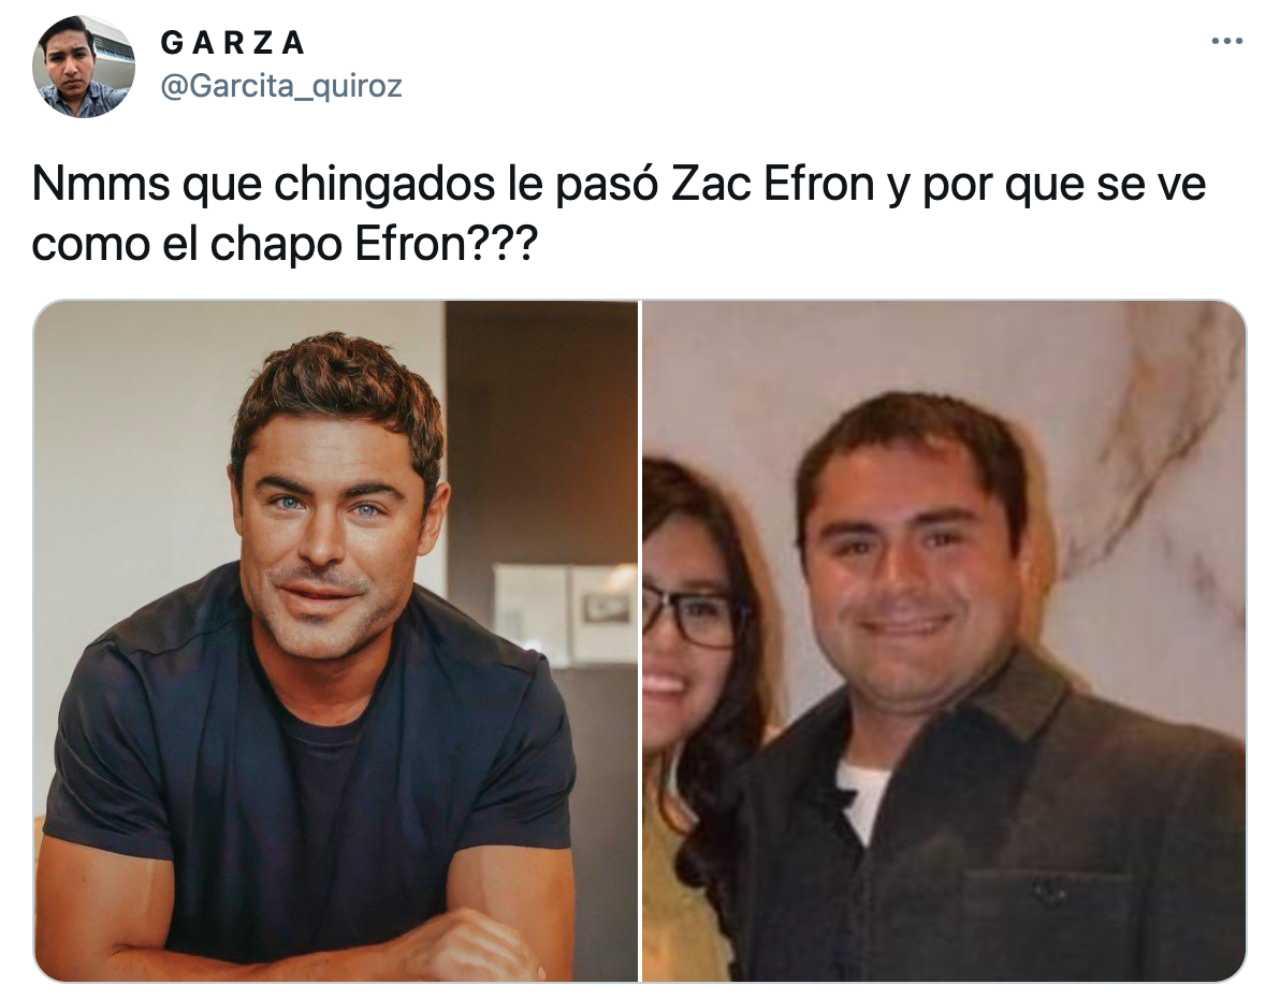 Memes de Zac Efron y su cambio de rostro